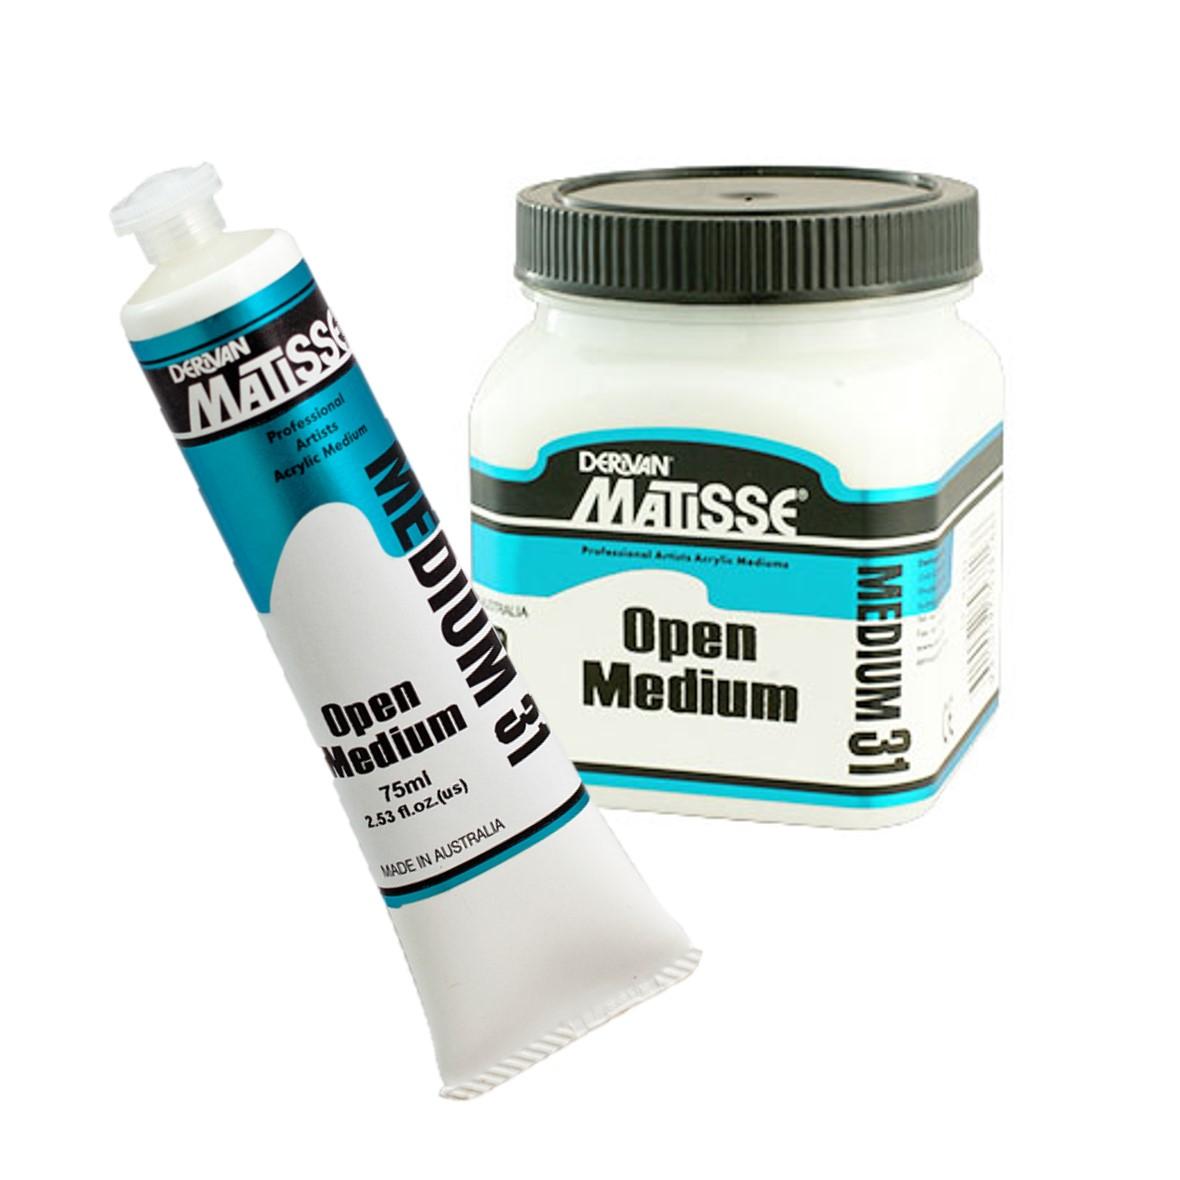 Matisse Open Medium MM31